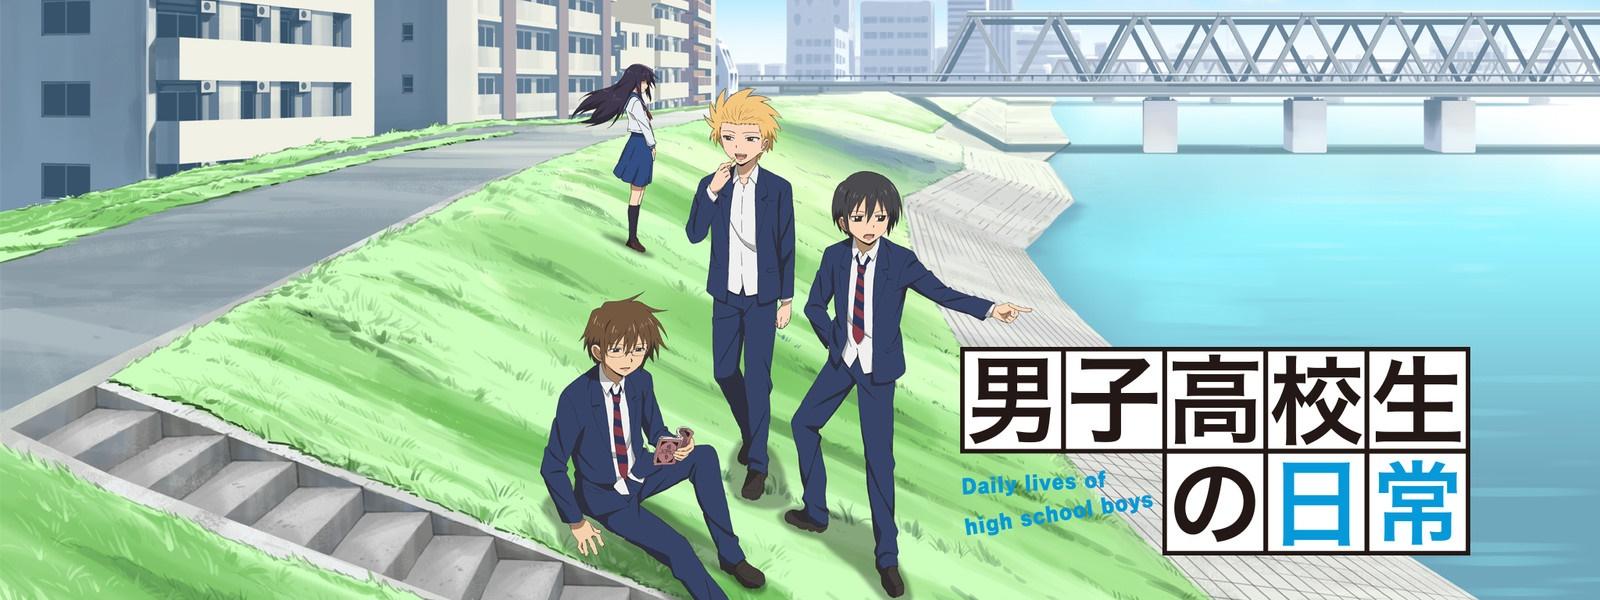 男子高校生の日常名シーン・名言は風以外に?漫画とアニメの違いも!2